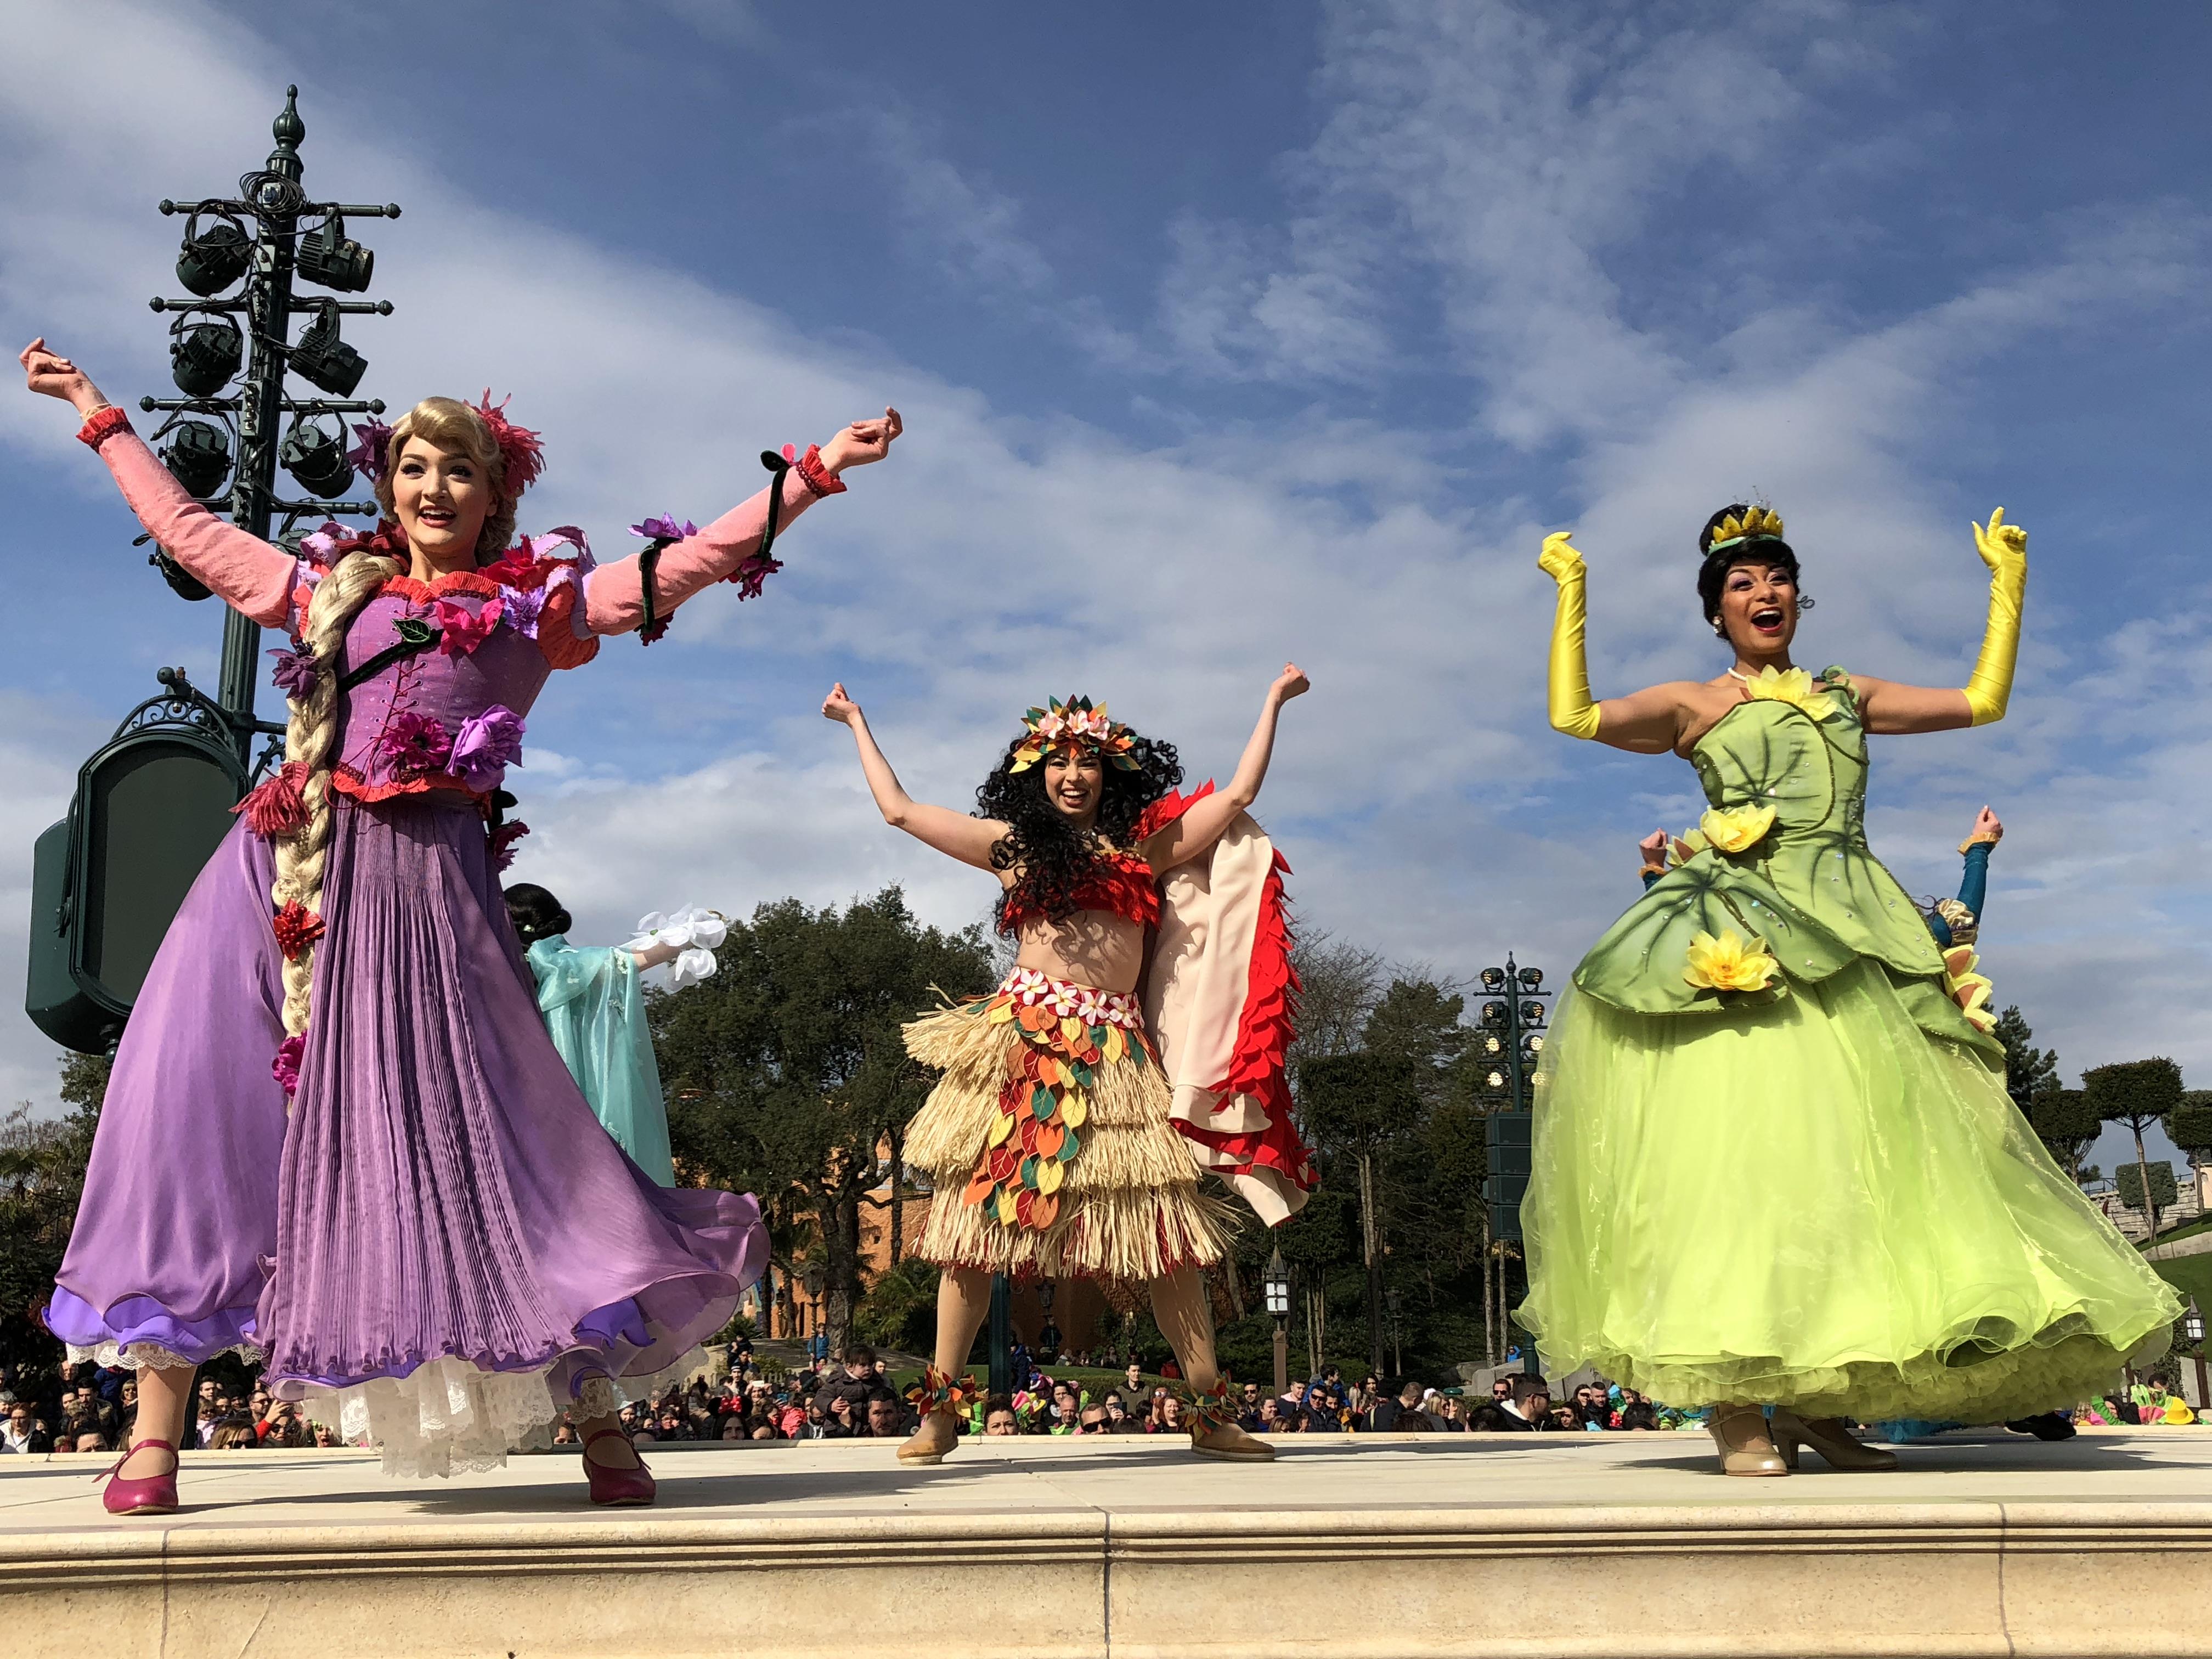 Raiponce, Taiana et Vaiana à Disneyland Paris